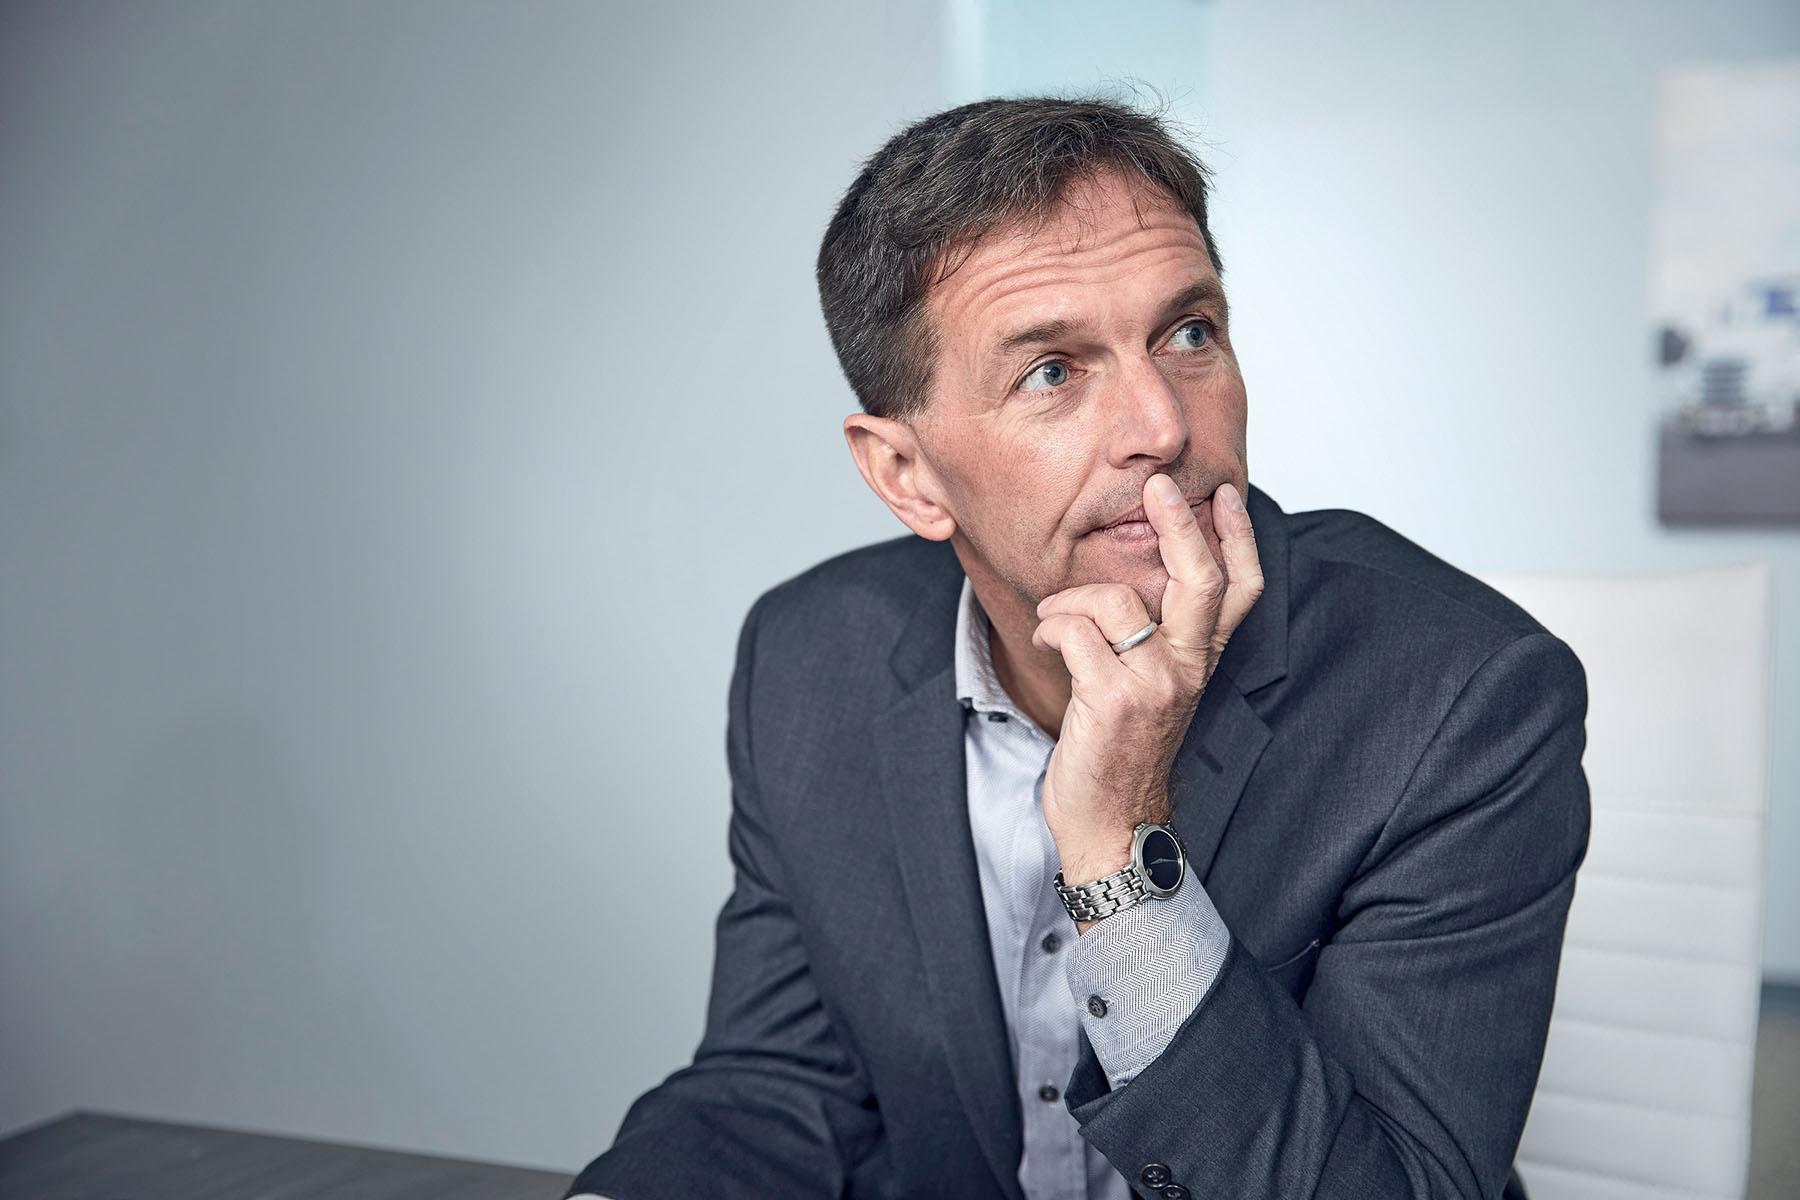 Tom Schmitt, Chair and CEO of Forward Air